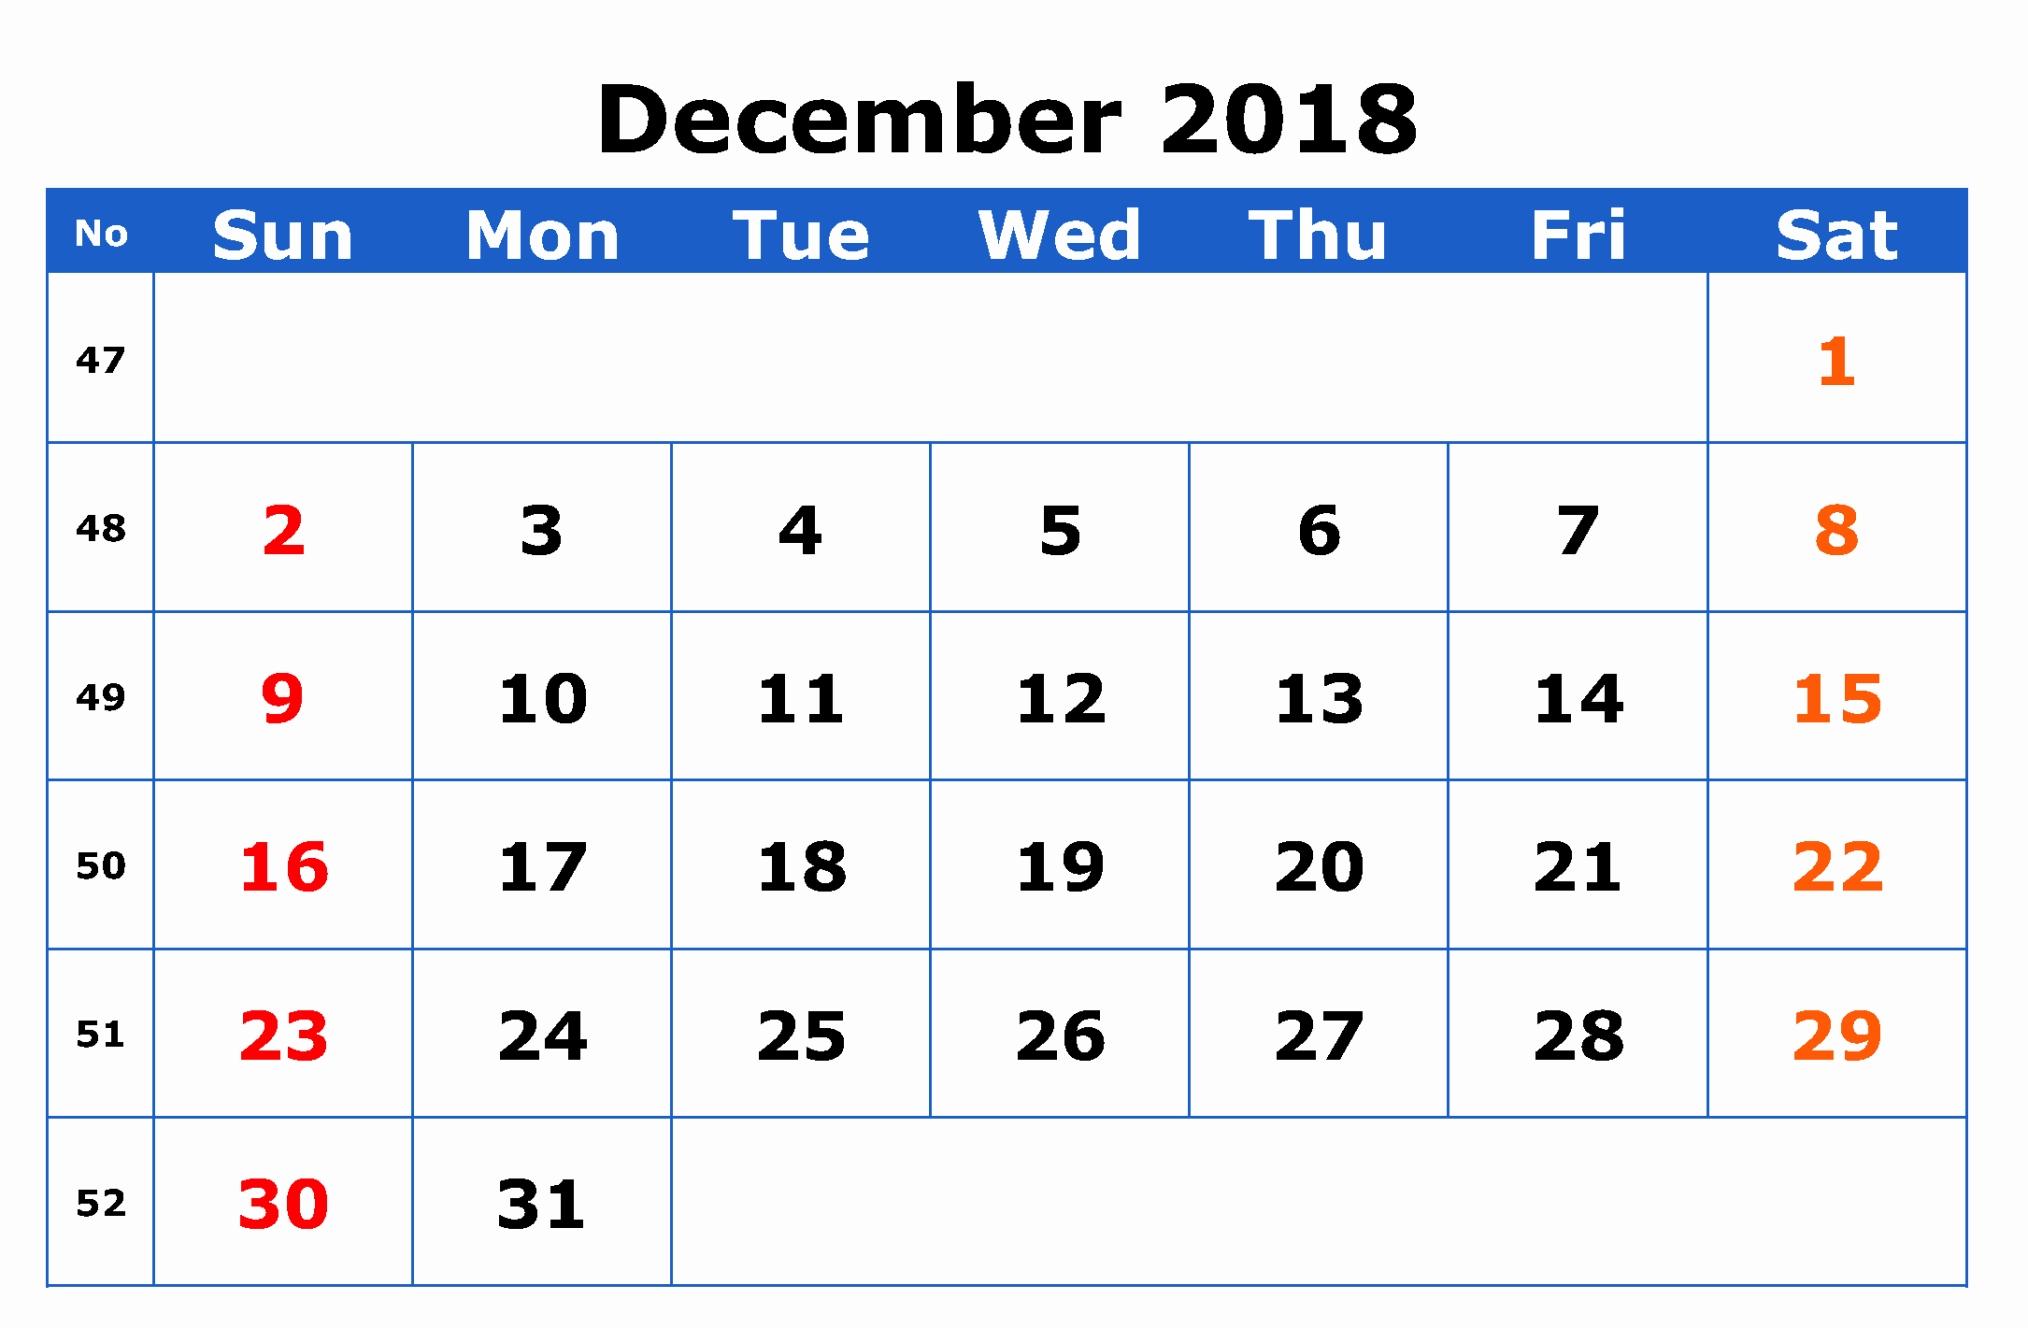 December 2018 Calendar USA Blank Template